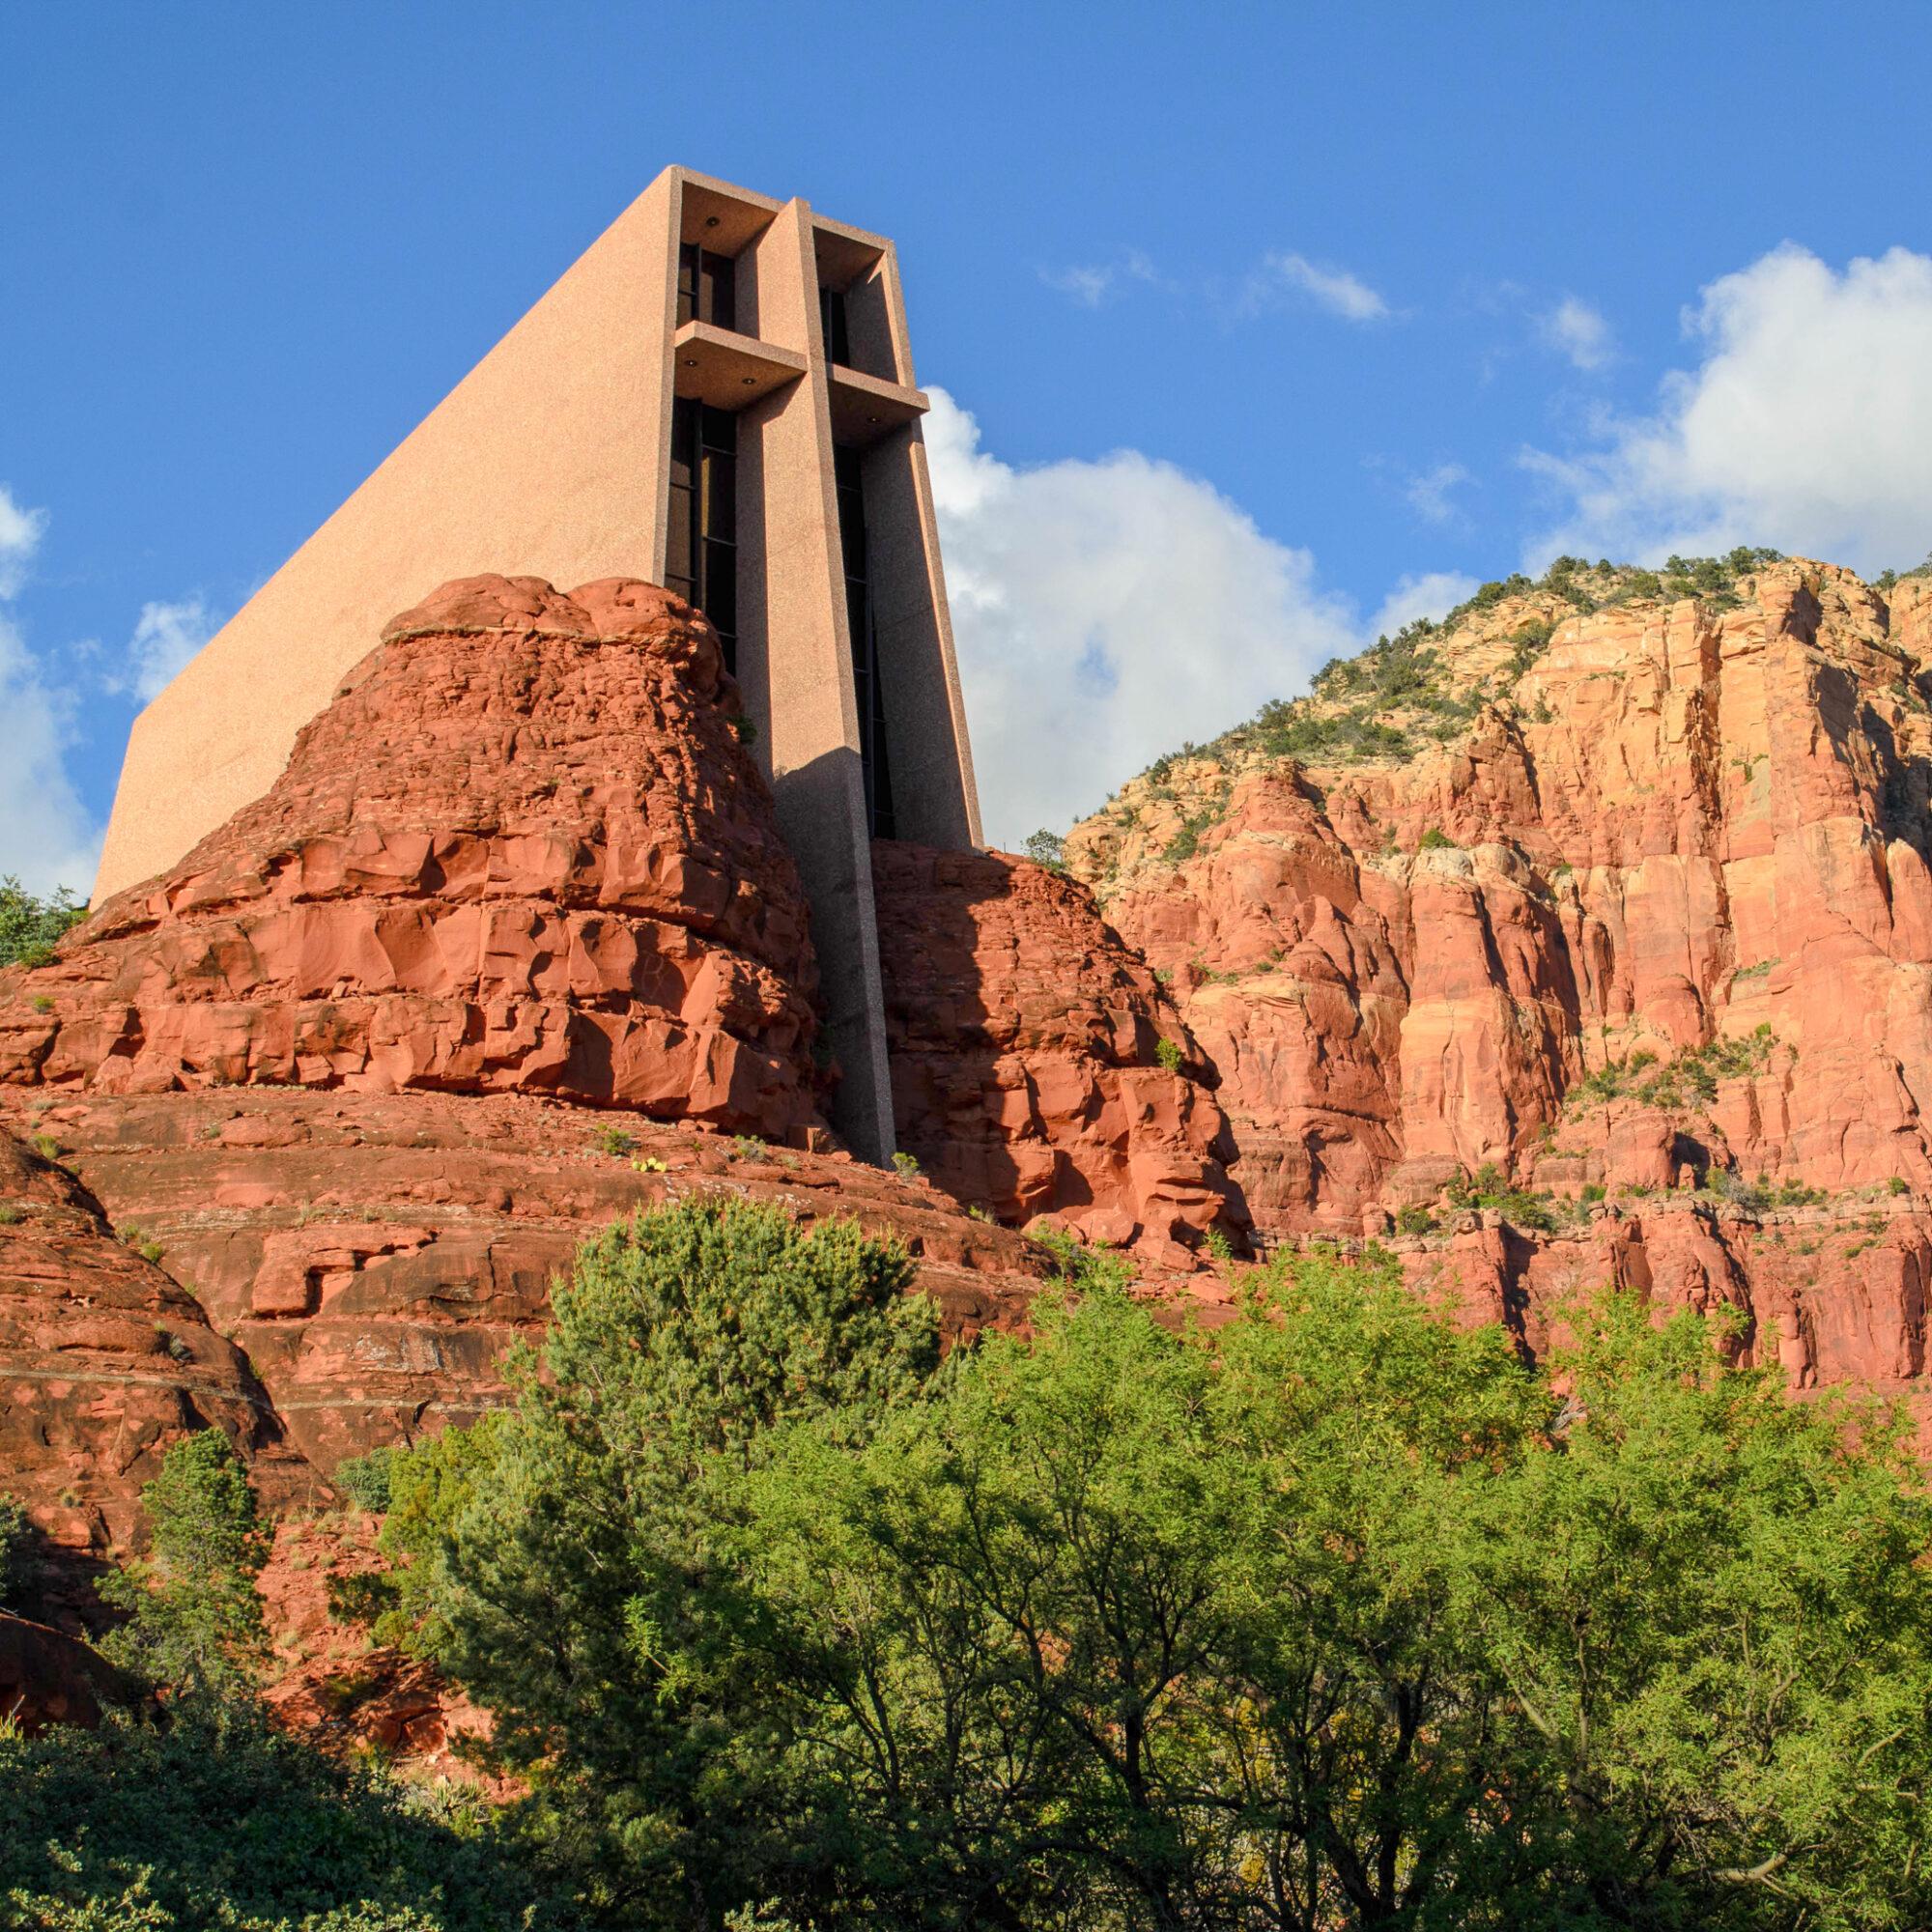 The Chapel of the Holy Cross in Sedona, Arizona.